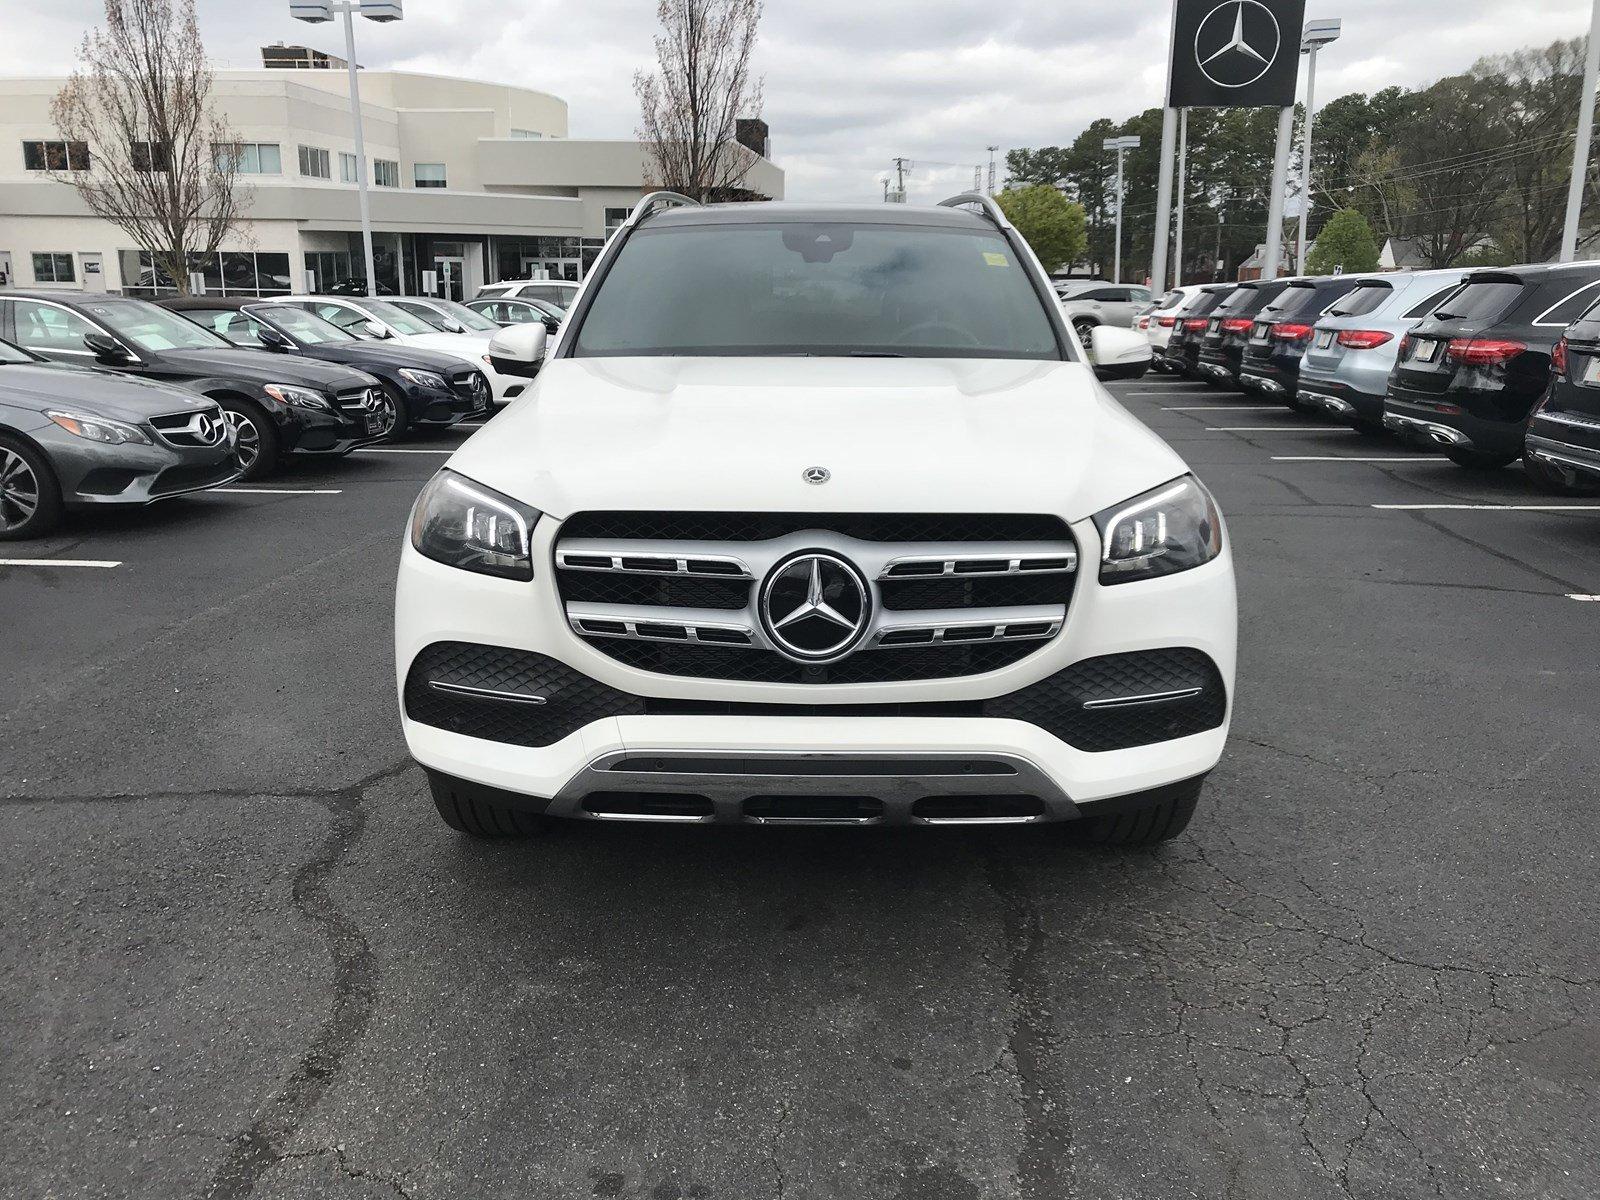 2020 Polar White Mercedes-Benz GLS